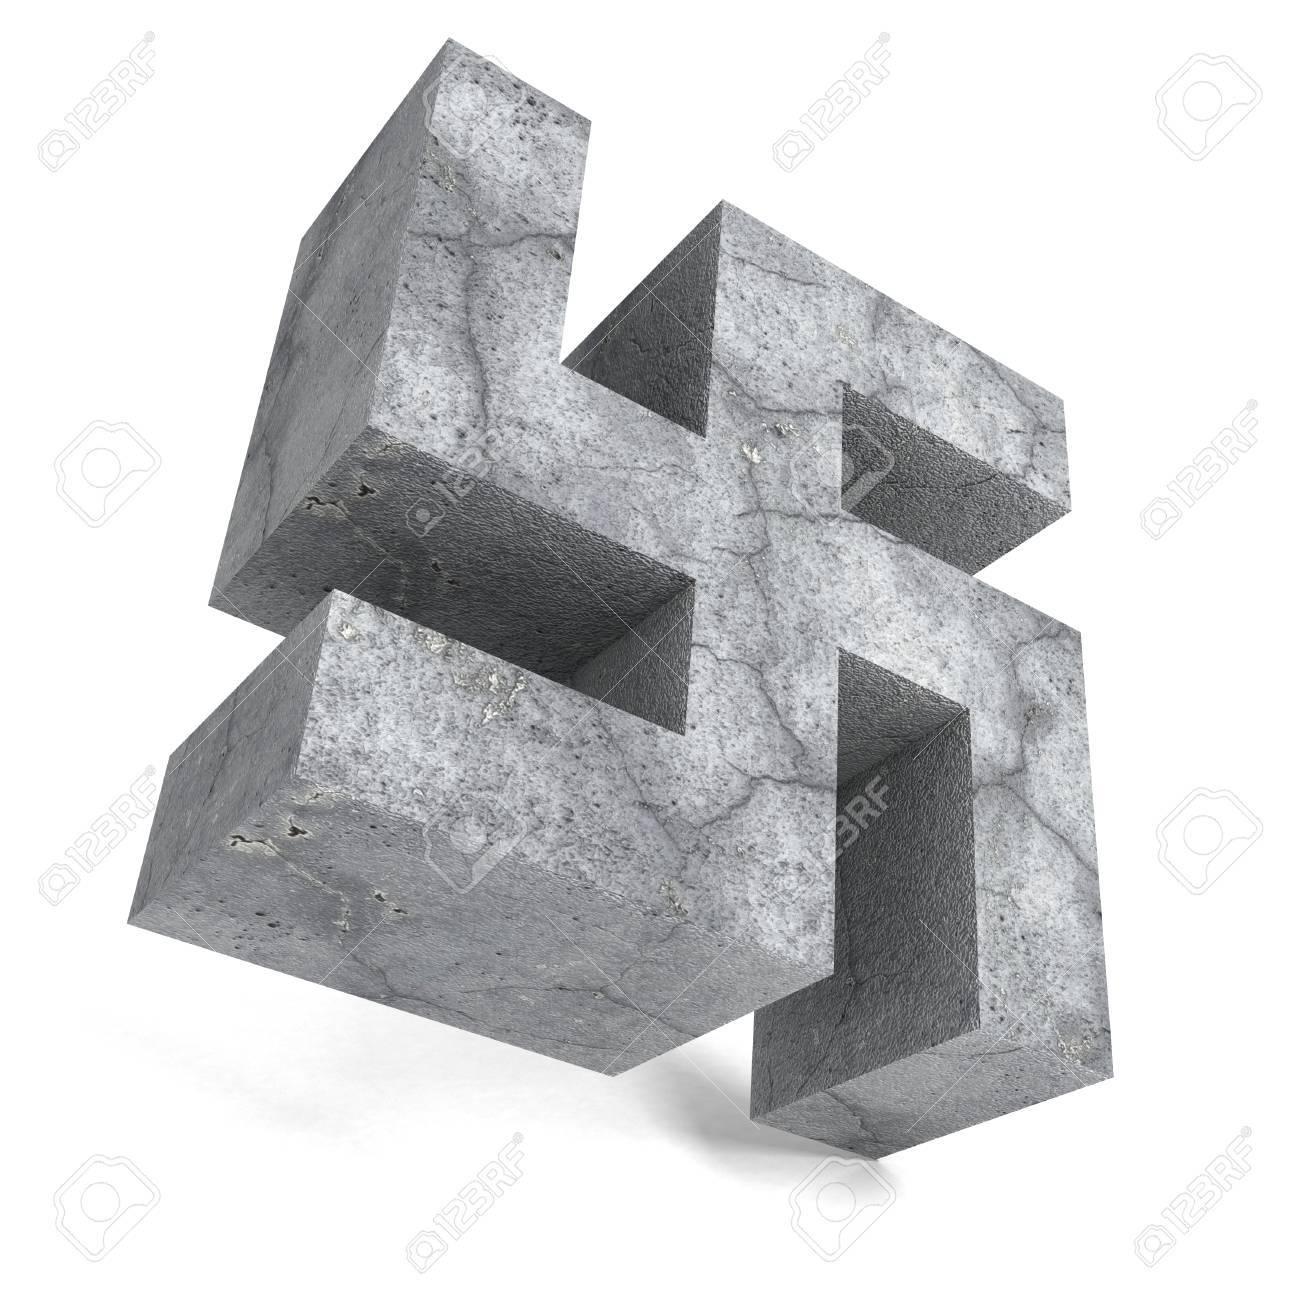 Stone Concrete Swastika Symbol On White Background 3d Render